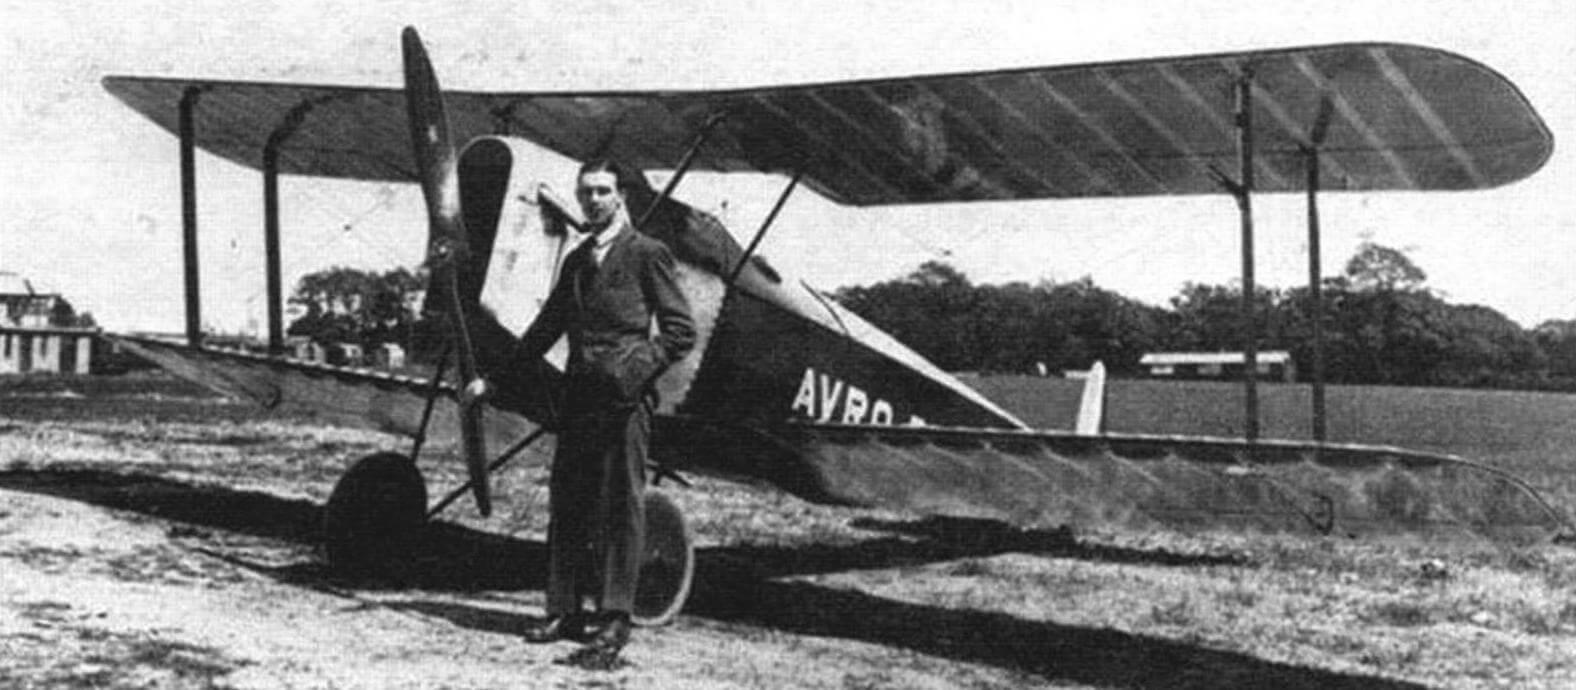 Первый опытный образец биплана Авро 534, 1919 год